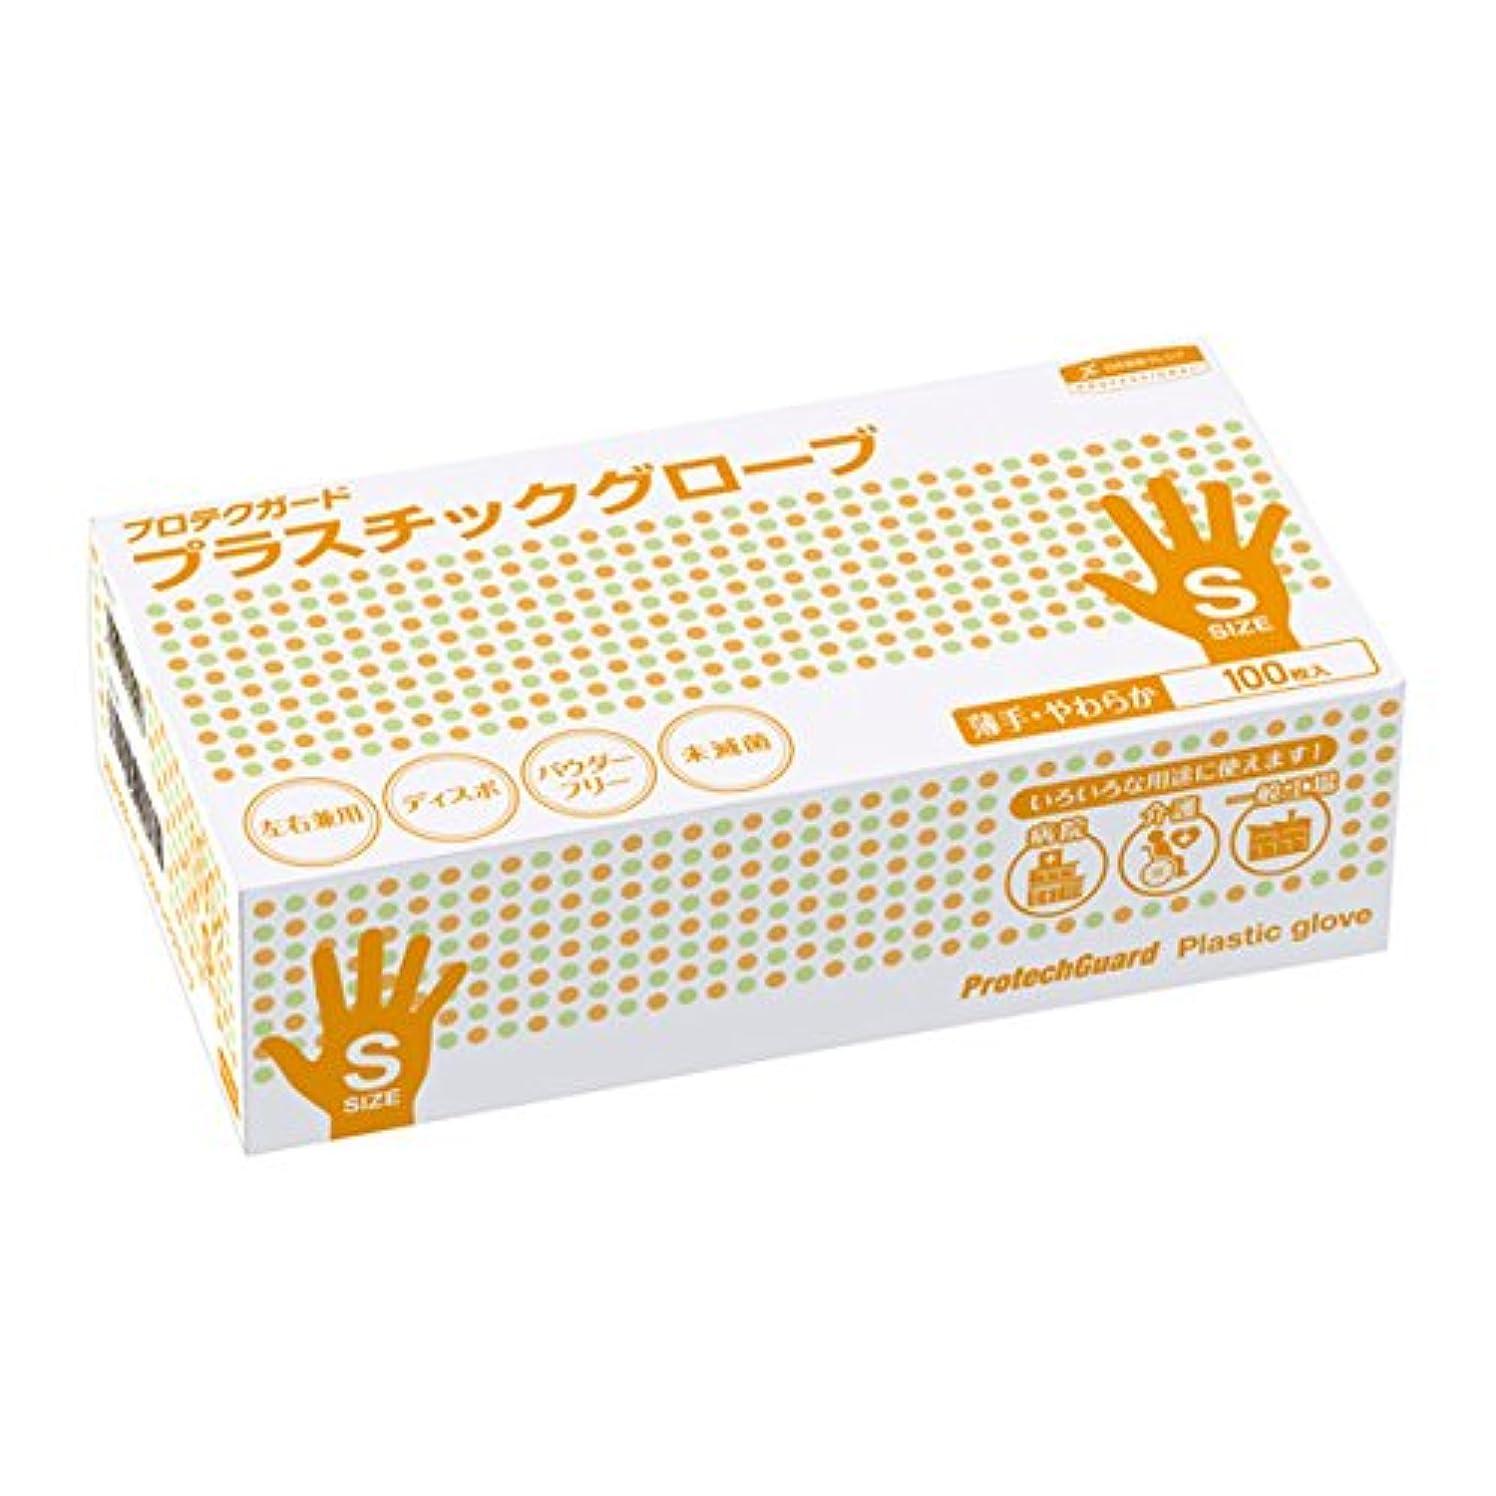 属性風変わりなグリーンバック日本製紙クレシア:プロテクガード プラスチックグローブ Sサイズ 100枚×10ボックス